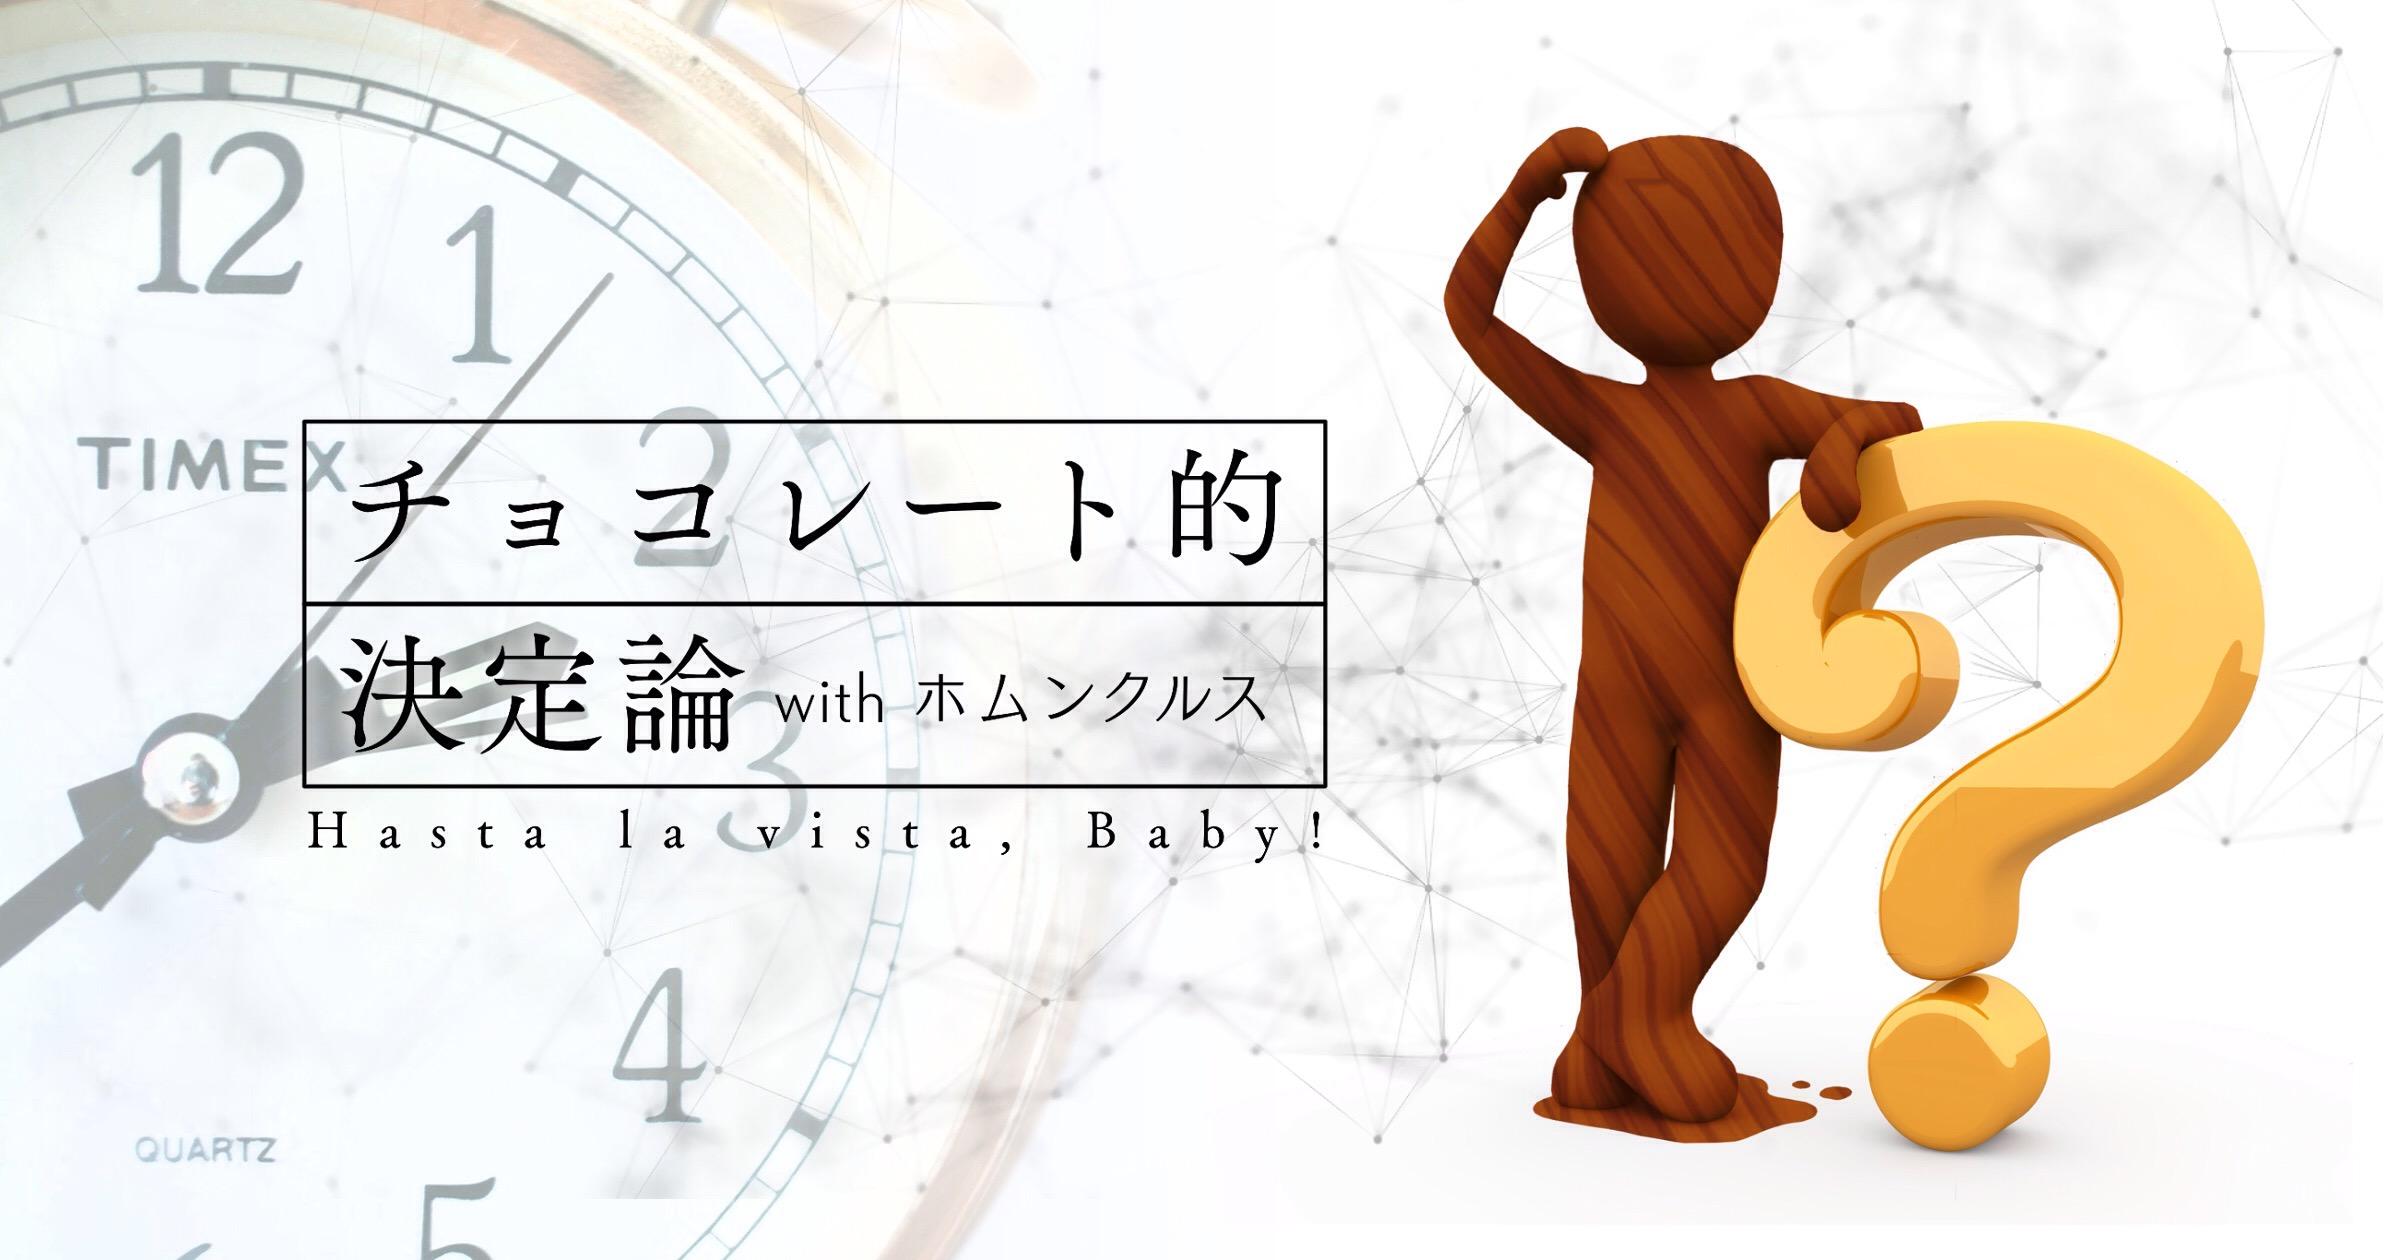 チョコレート的決定論 with ホムンクルス〈Hasta la vista, Baby!〉の表紙